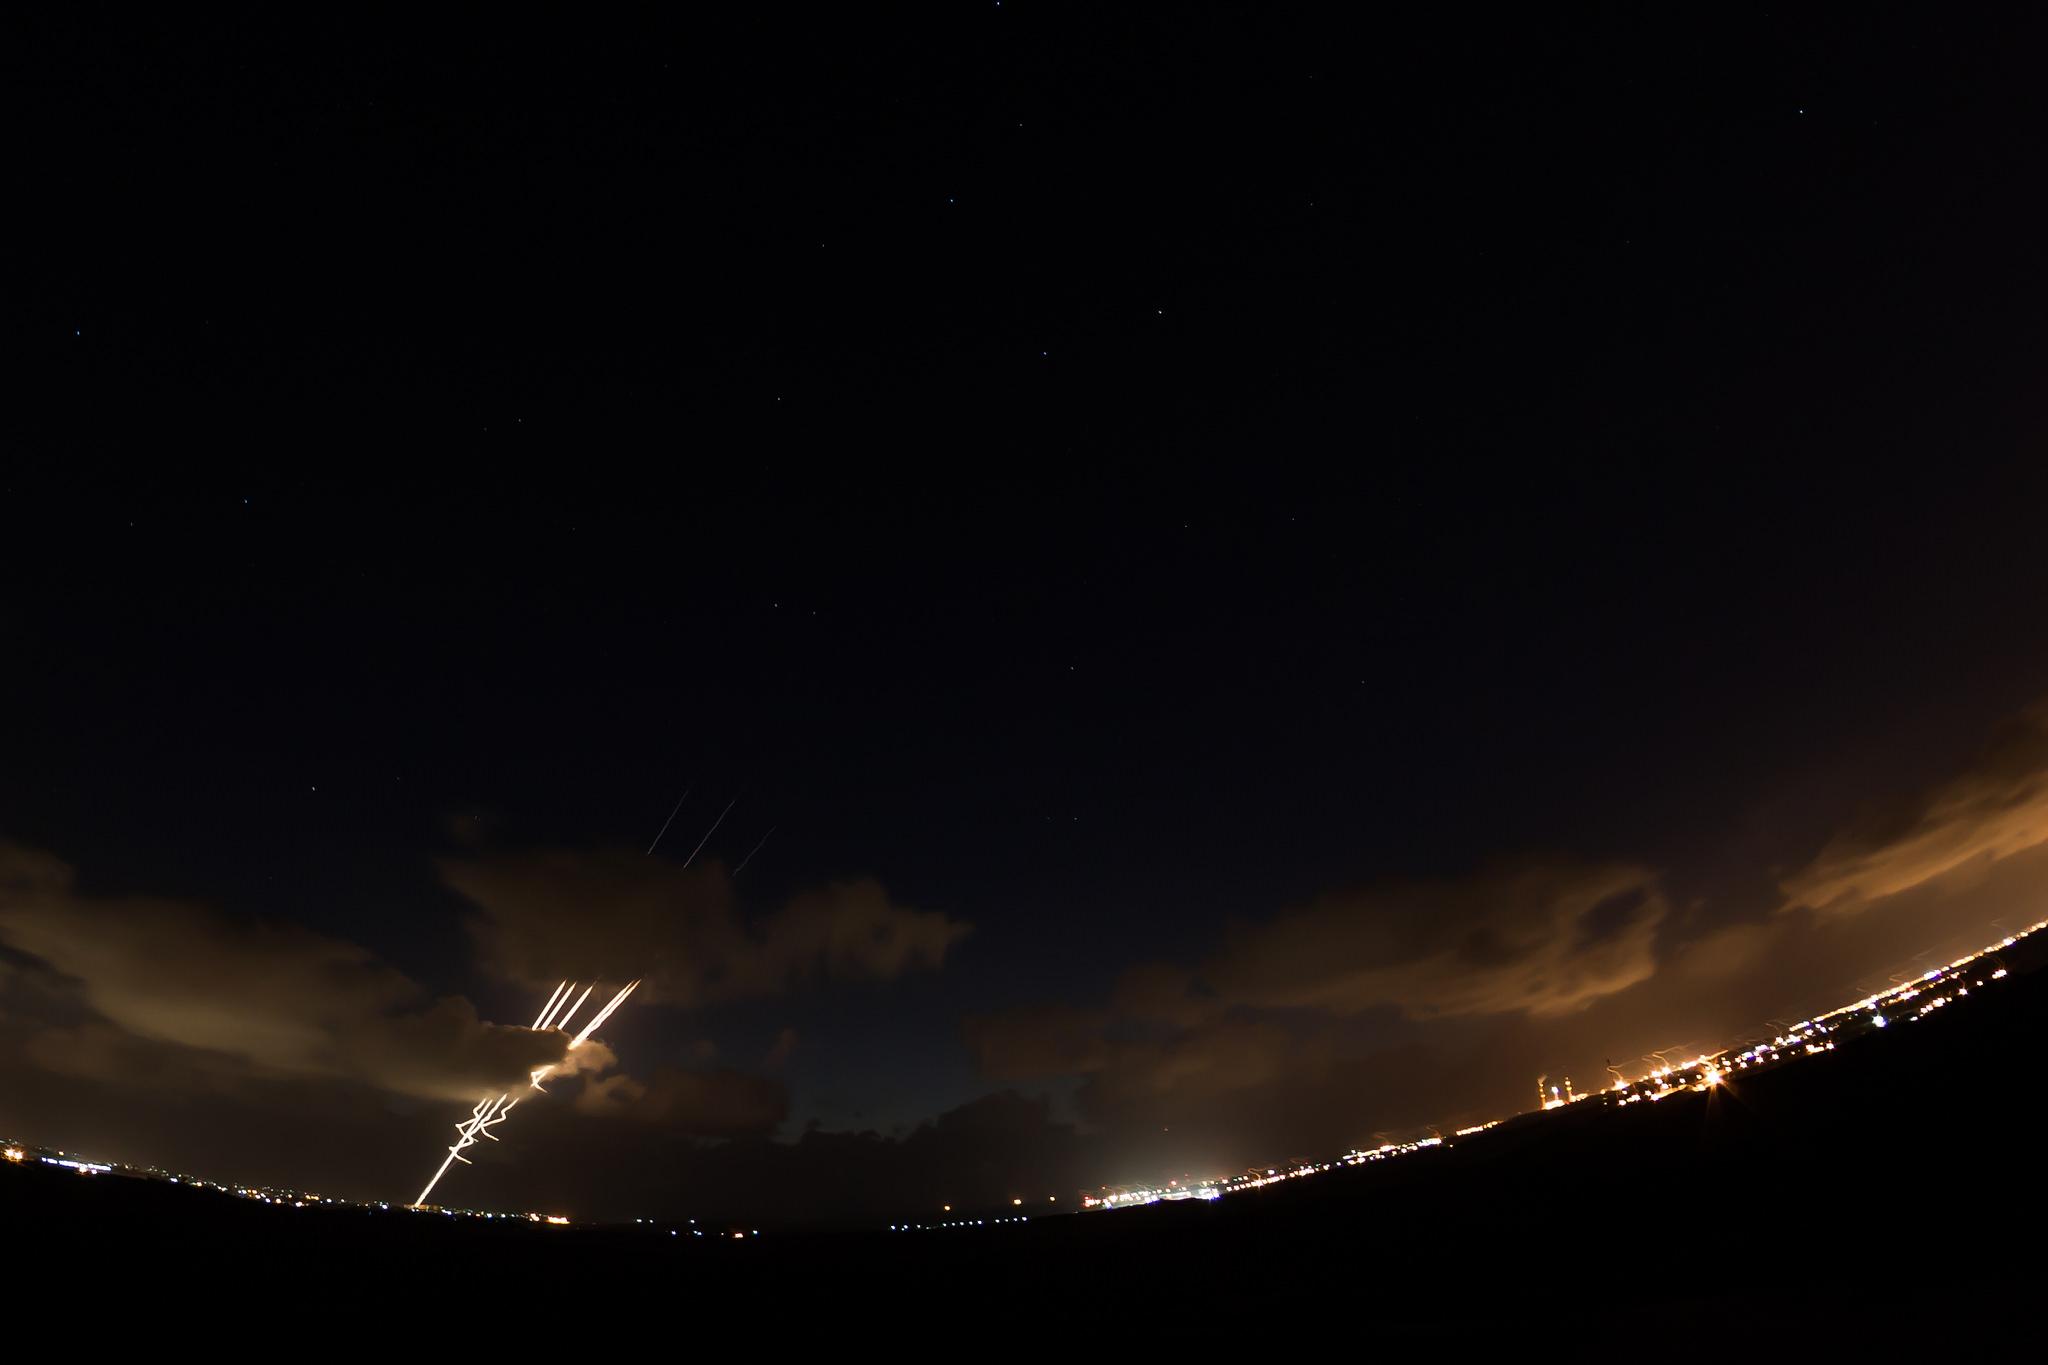 טילים רקטות צבע אדום יירוט כיפת ברזל